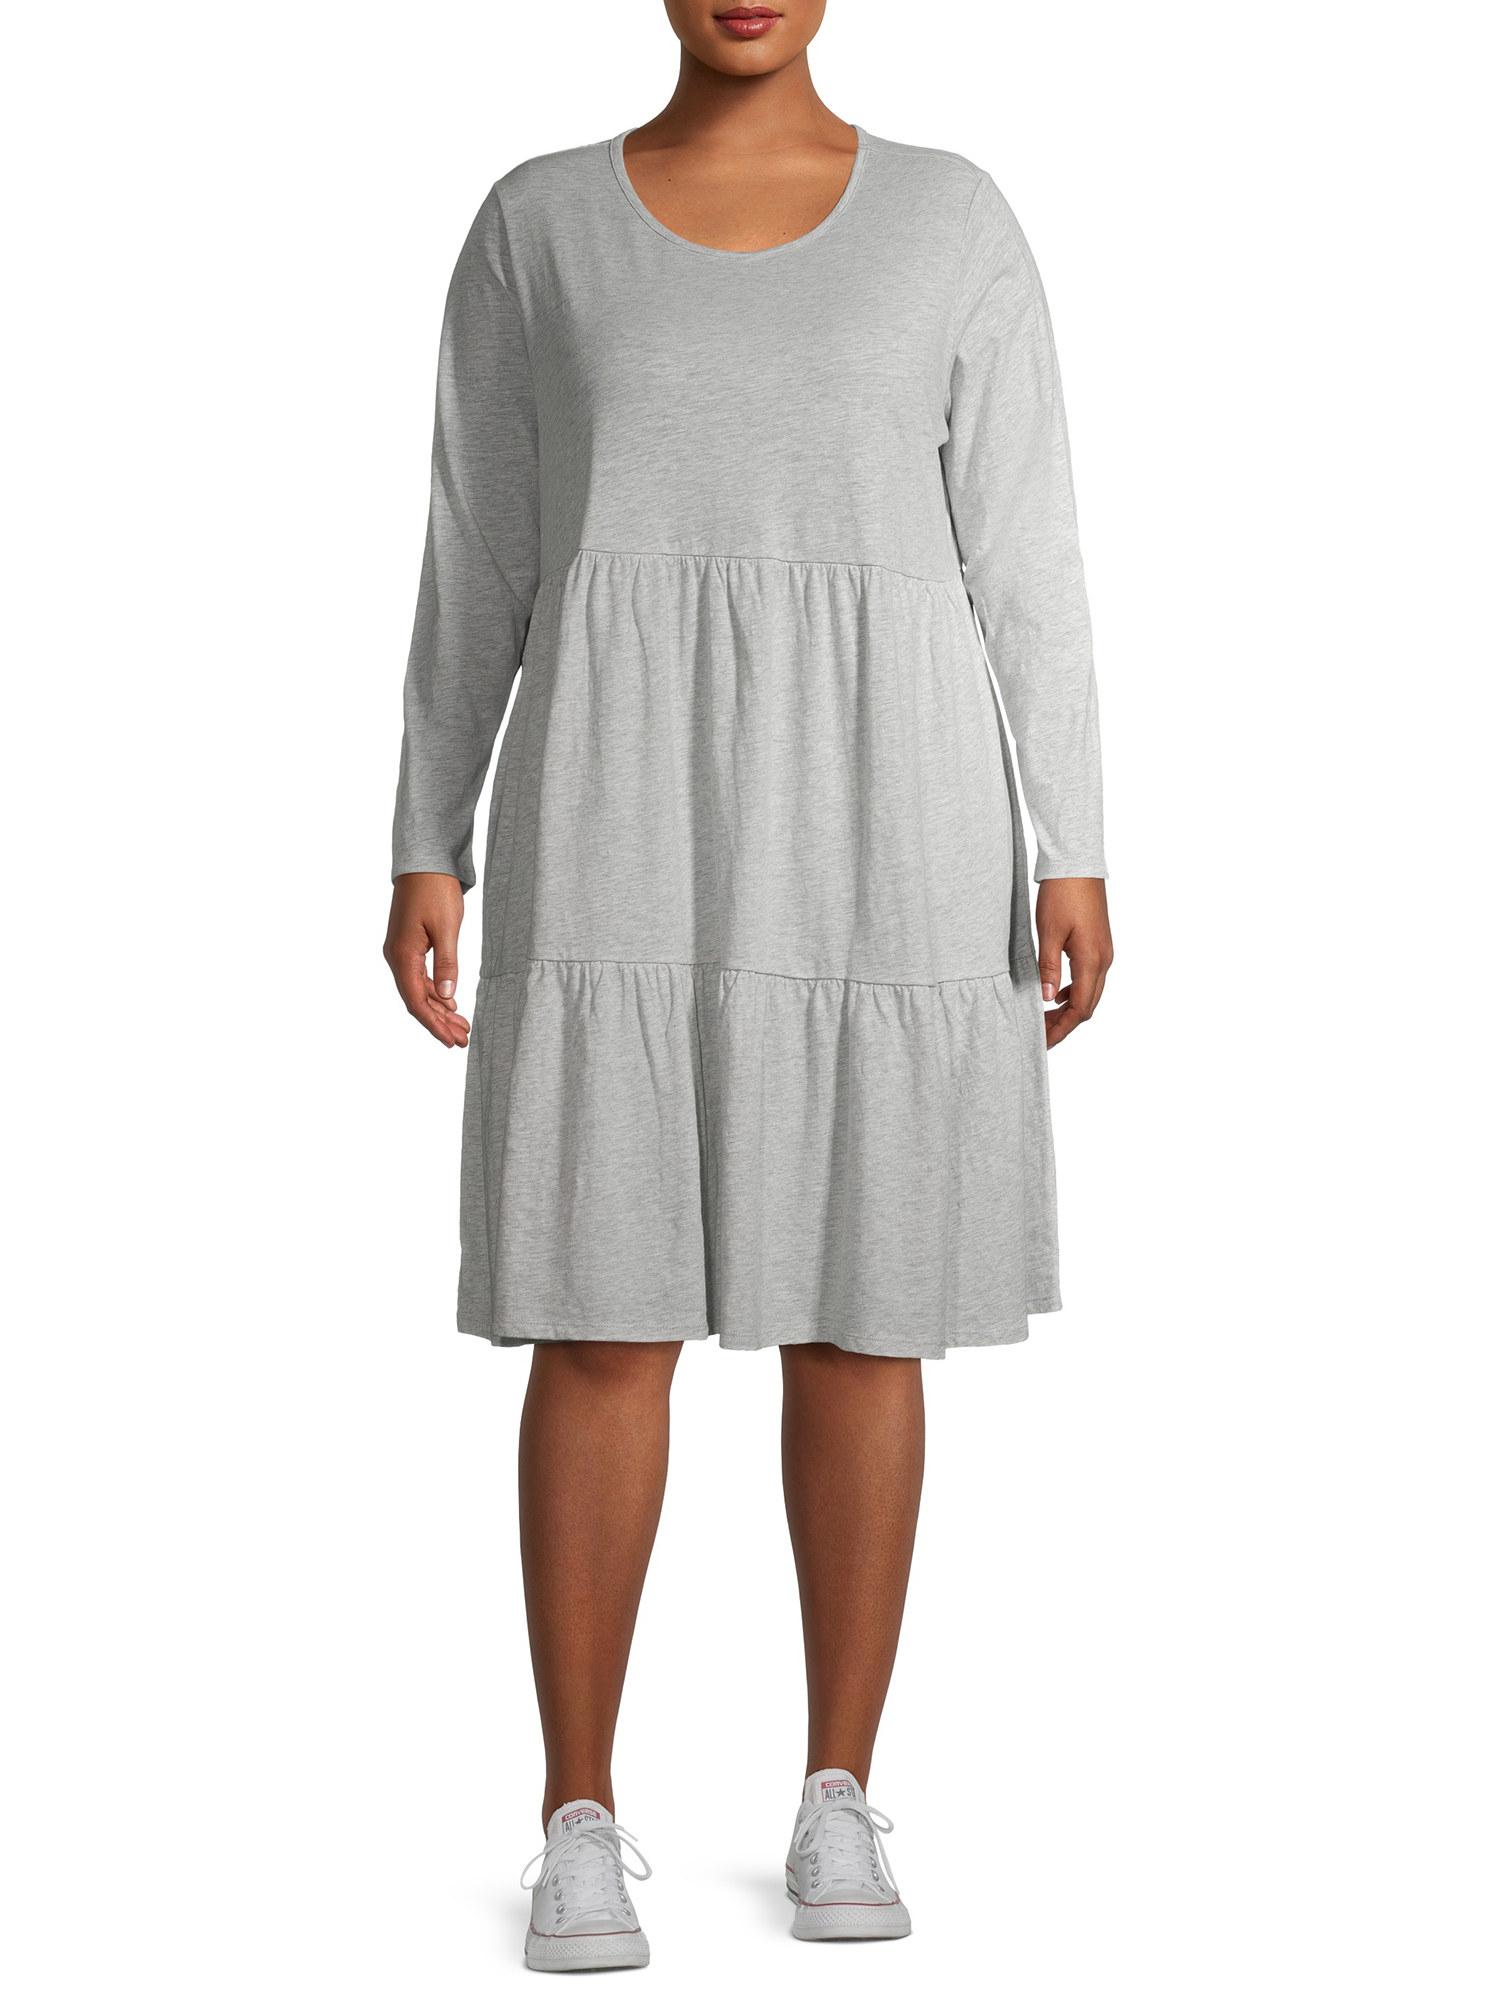 Model wearing grey tiered dress